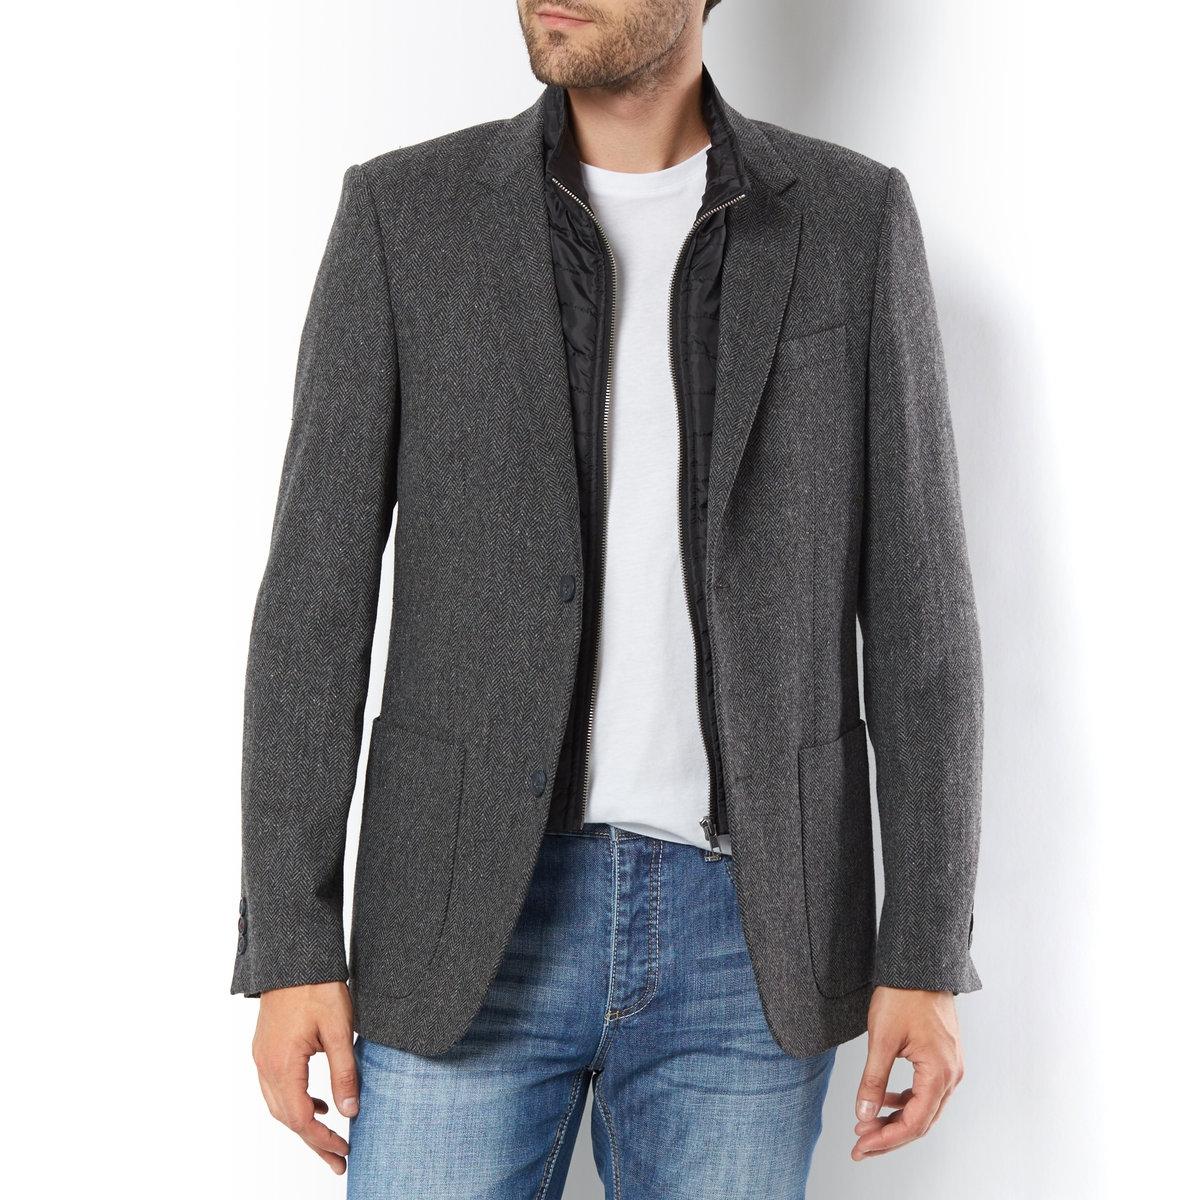 Пиджак костюмныйПиджак с рисунком елочка 2 в 1. Налокотники из искусственной замши. 45% поиэстера, 35% шерсти, 15% вискозы, 5% других волокон. Длина 75 см.<br><br>Цвет: в серую елочку